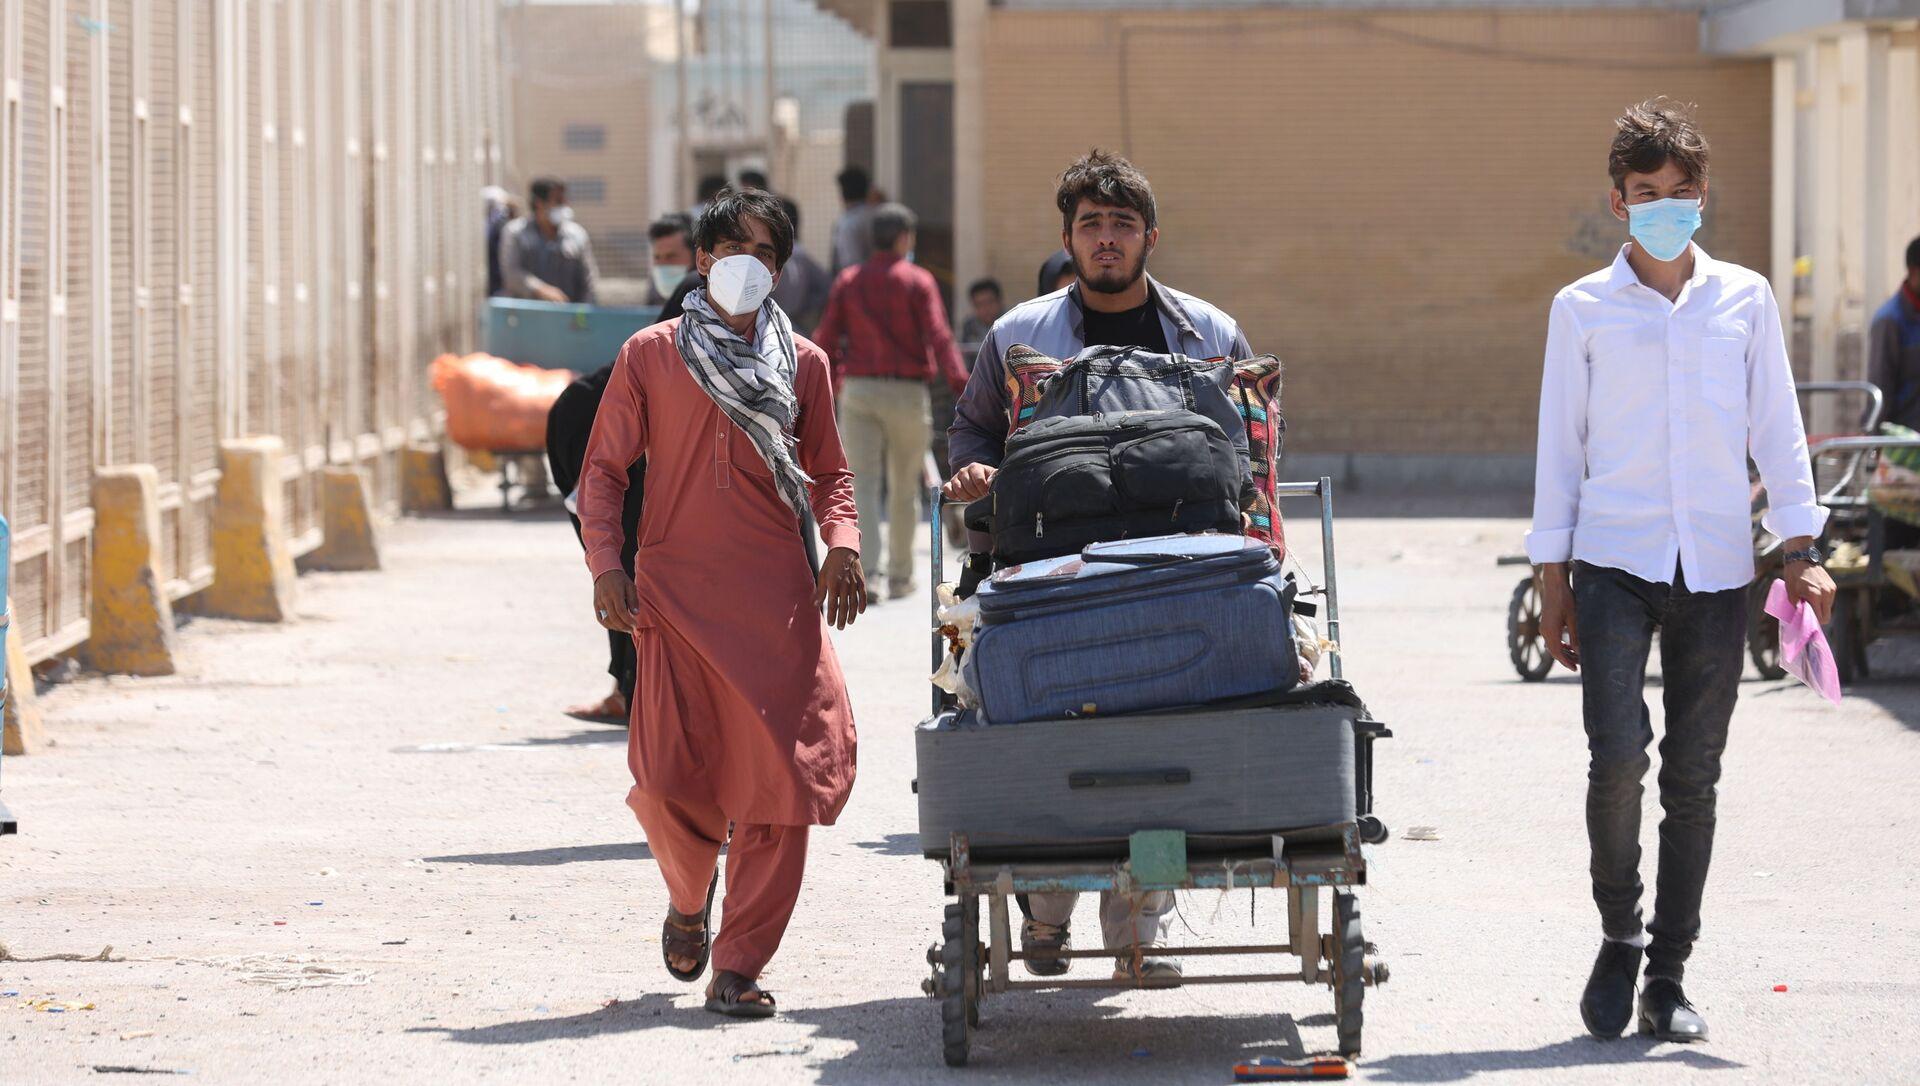 Афганские беженцы на пограничном переходе Даукарун между Ираном и Афганистаном - Sputnik Абхазия, 1920, 31.08.2021